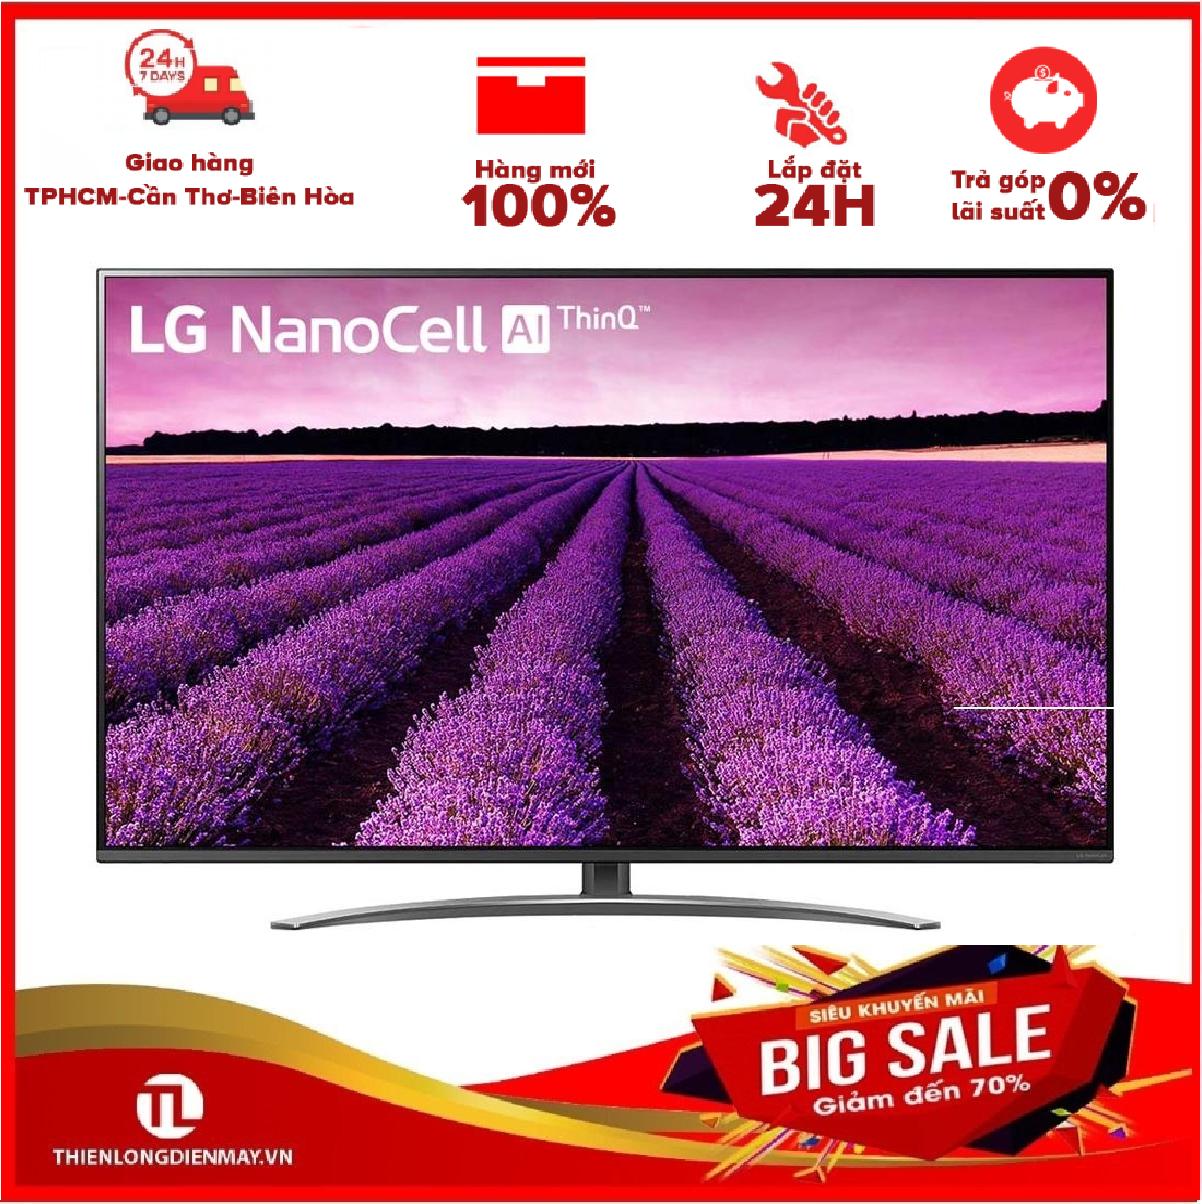 Ả GÓP 0% – Smart Tivi LG 4K 49 inch 49SM8100PTA – Hàng mới 100% – Bảo hành 2 năm